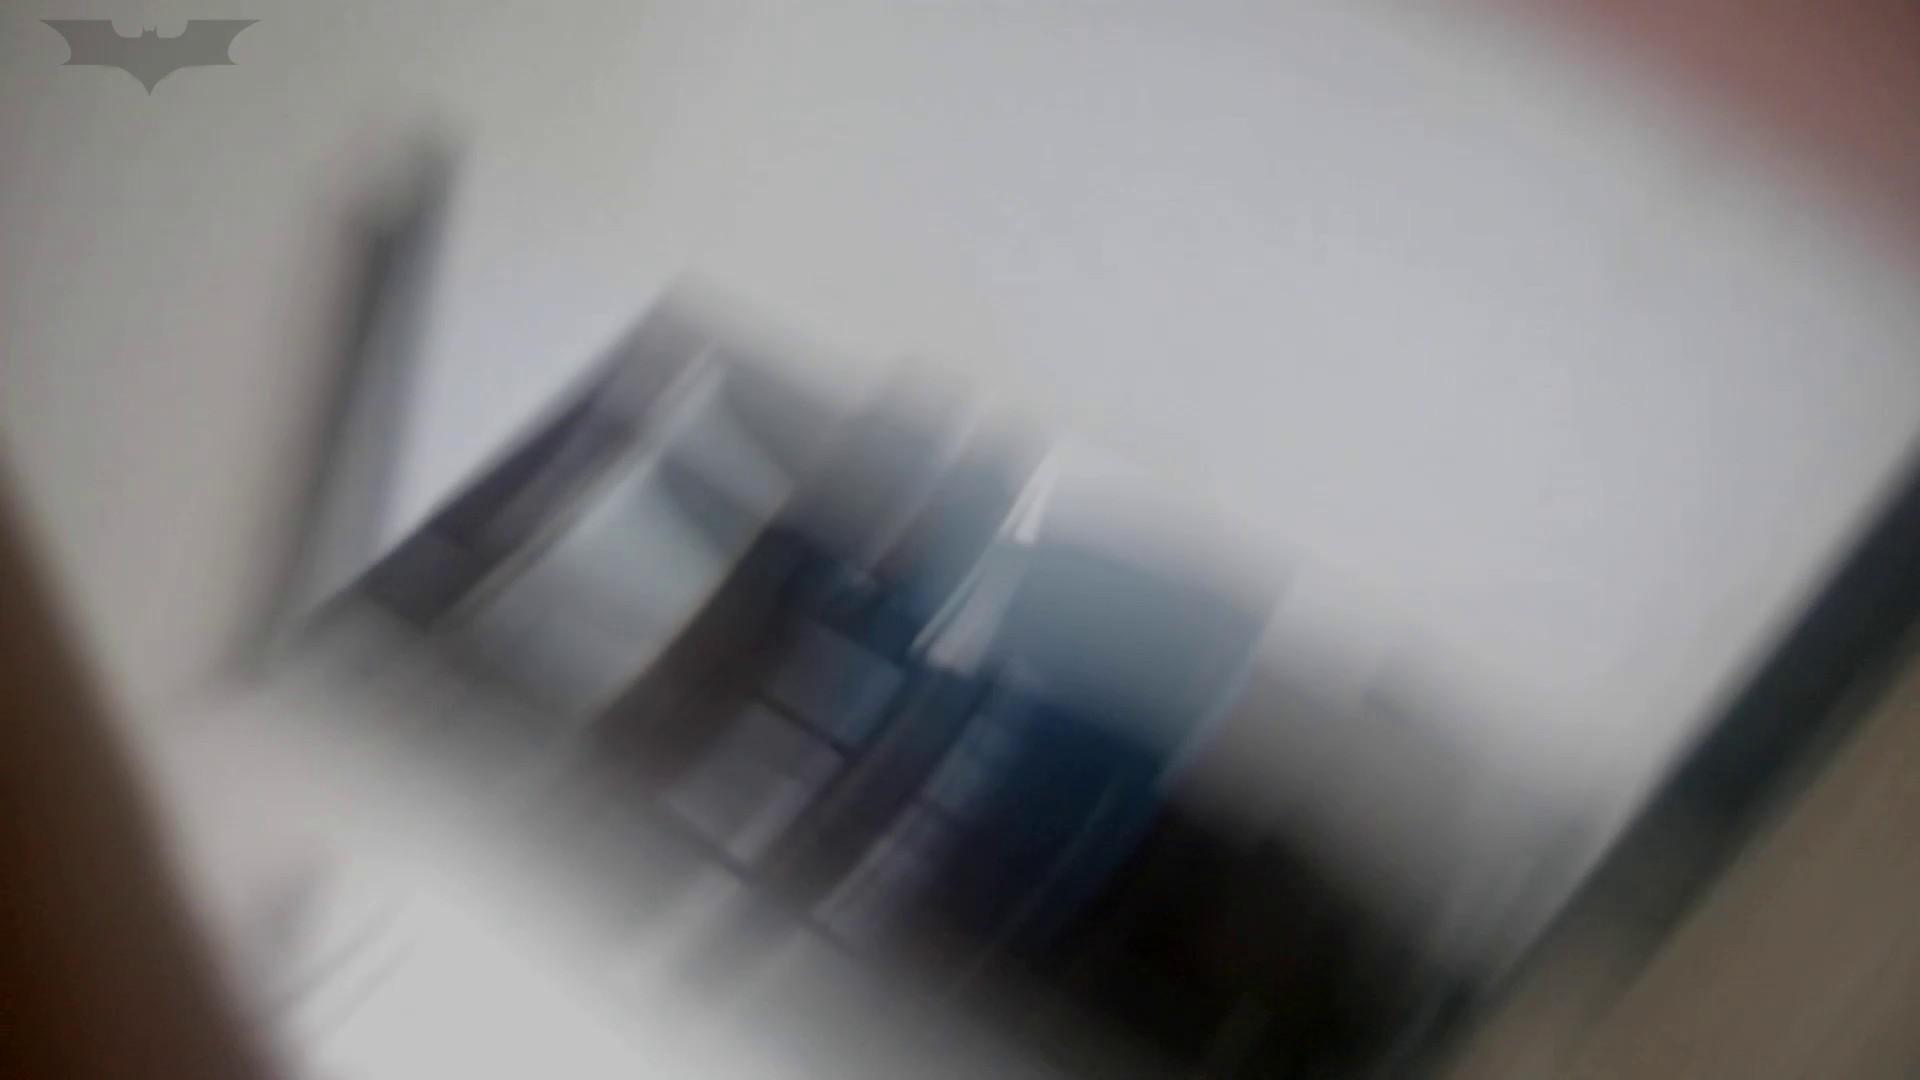 JD盗撮 美女の洗面所の秘密 Vol.12 高評価 | 美女H映像  105画像 75